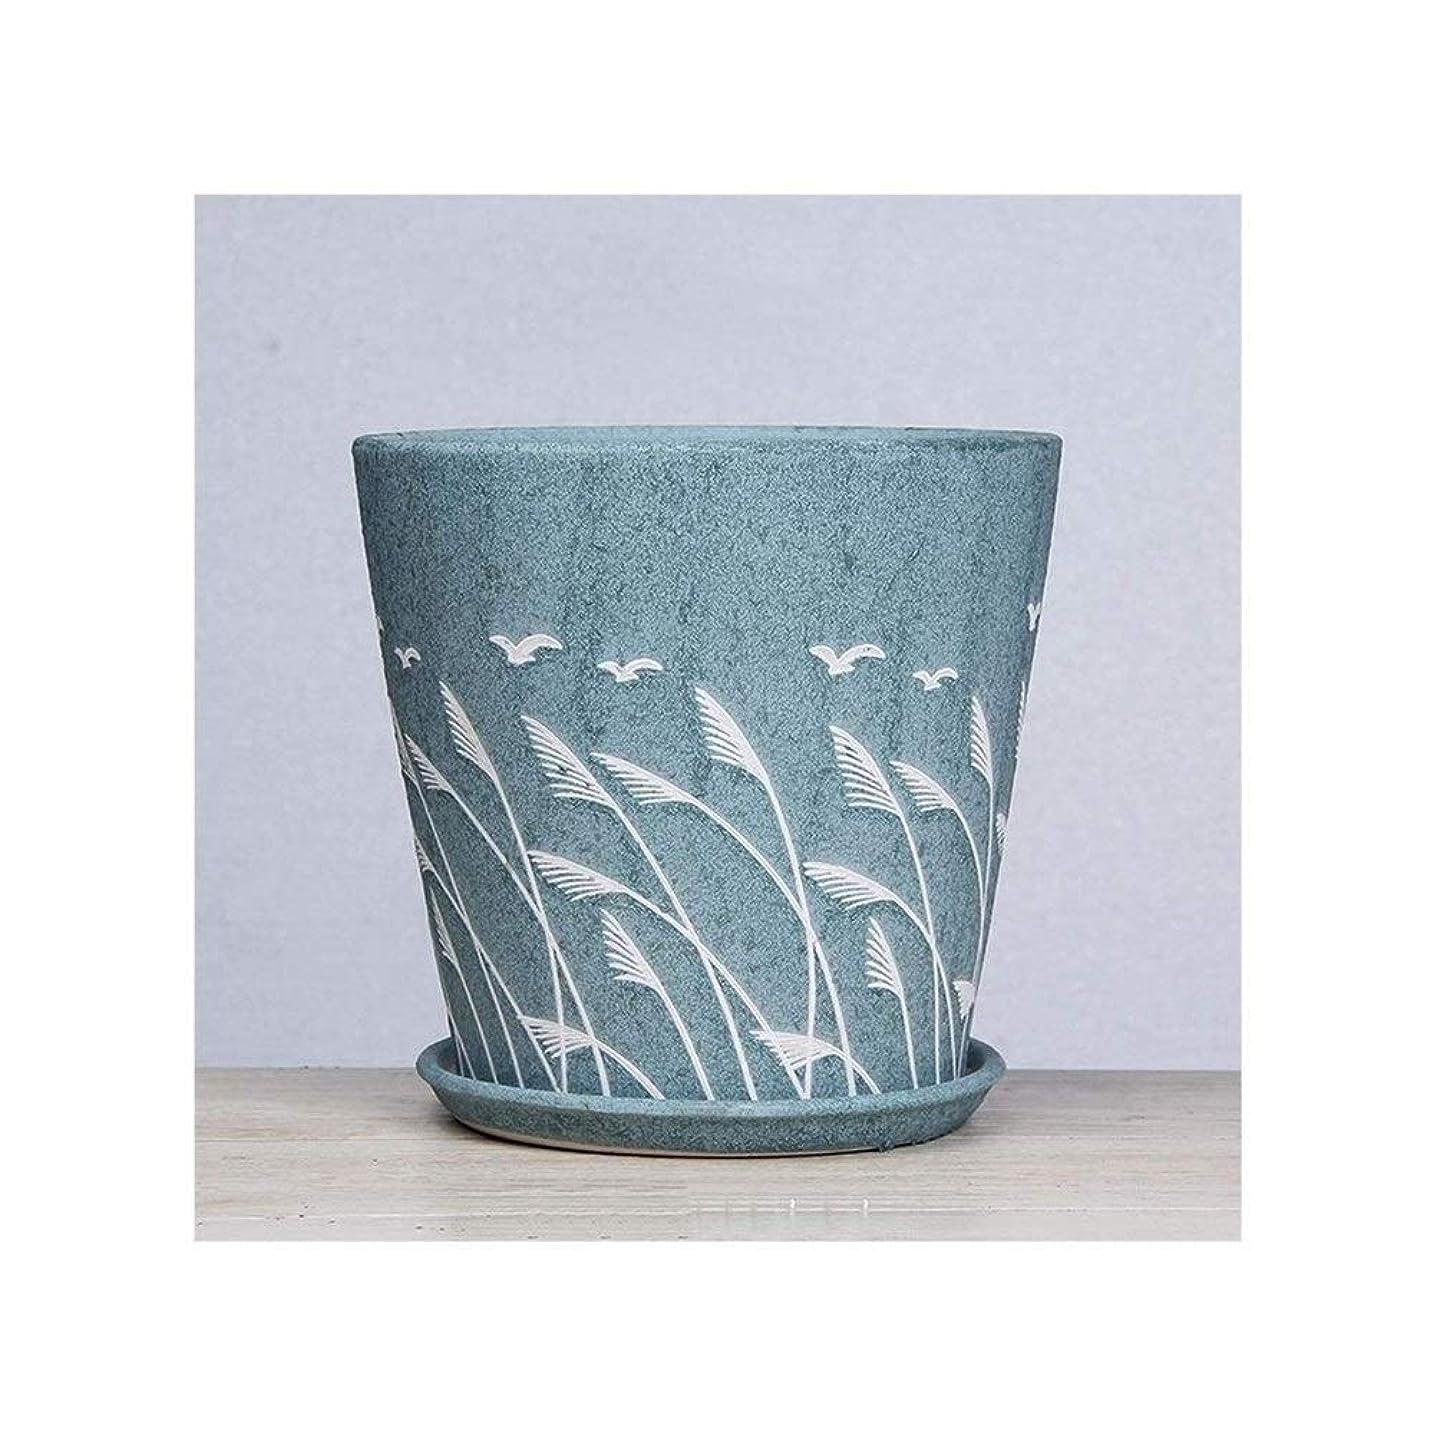 アーカイブロケットオリエンテーション実用植木鉢 ブルー、グリーンヨーロピアンスタイルフラワーポットセラミックエクストララージミディアムハイエンドグランドグリーンプラントクリエイティビティ鉢植えトレイ付きプラスチックフラワーポット(カラー:ブルー、サイズ:ラージ) (Color : Green, Size : Large)